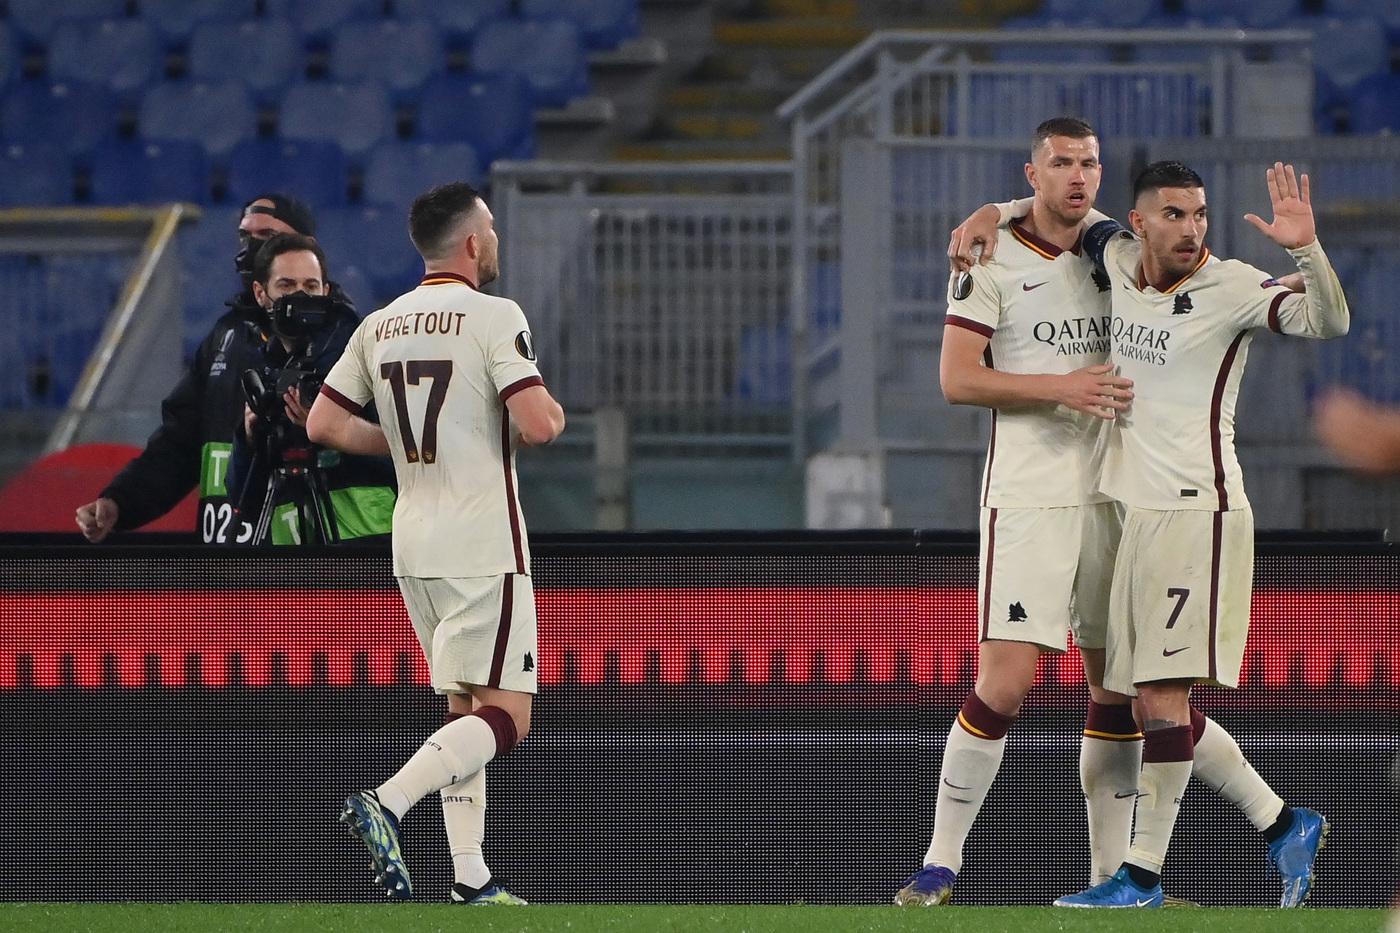 Migliori e peggiori in Roma-Ajax 1-1: serataccia Cristante, Dzeko uomo squadra